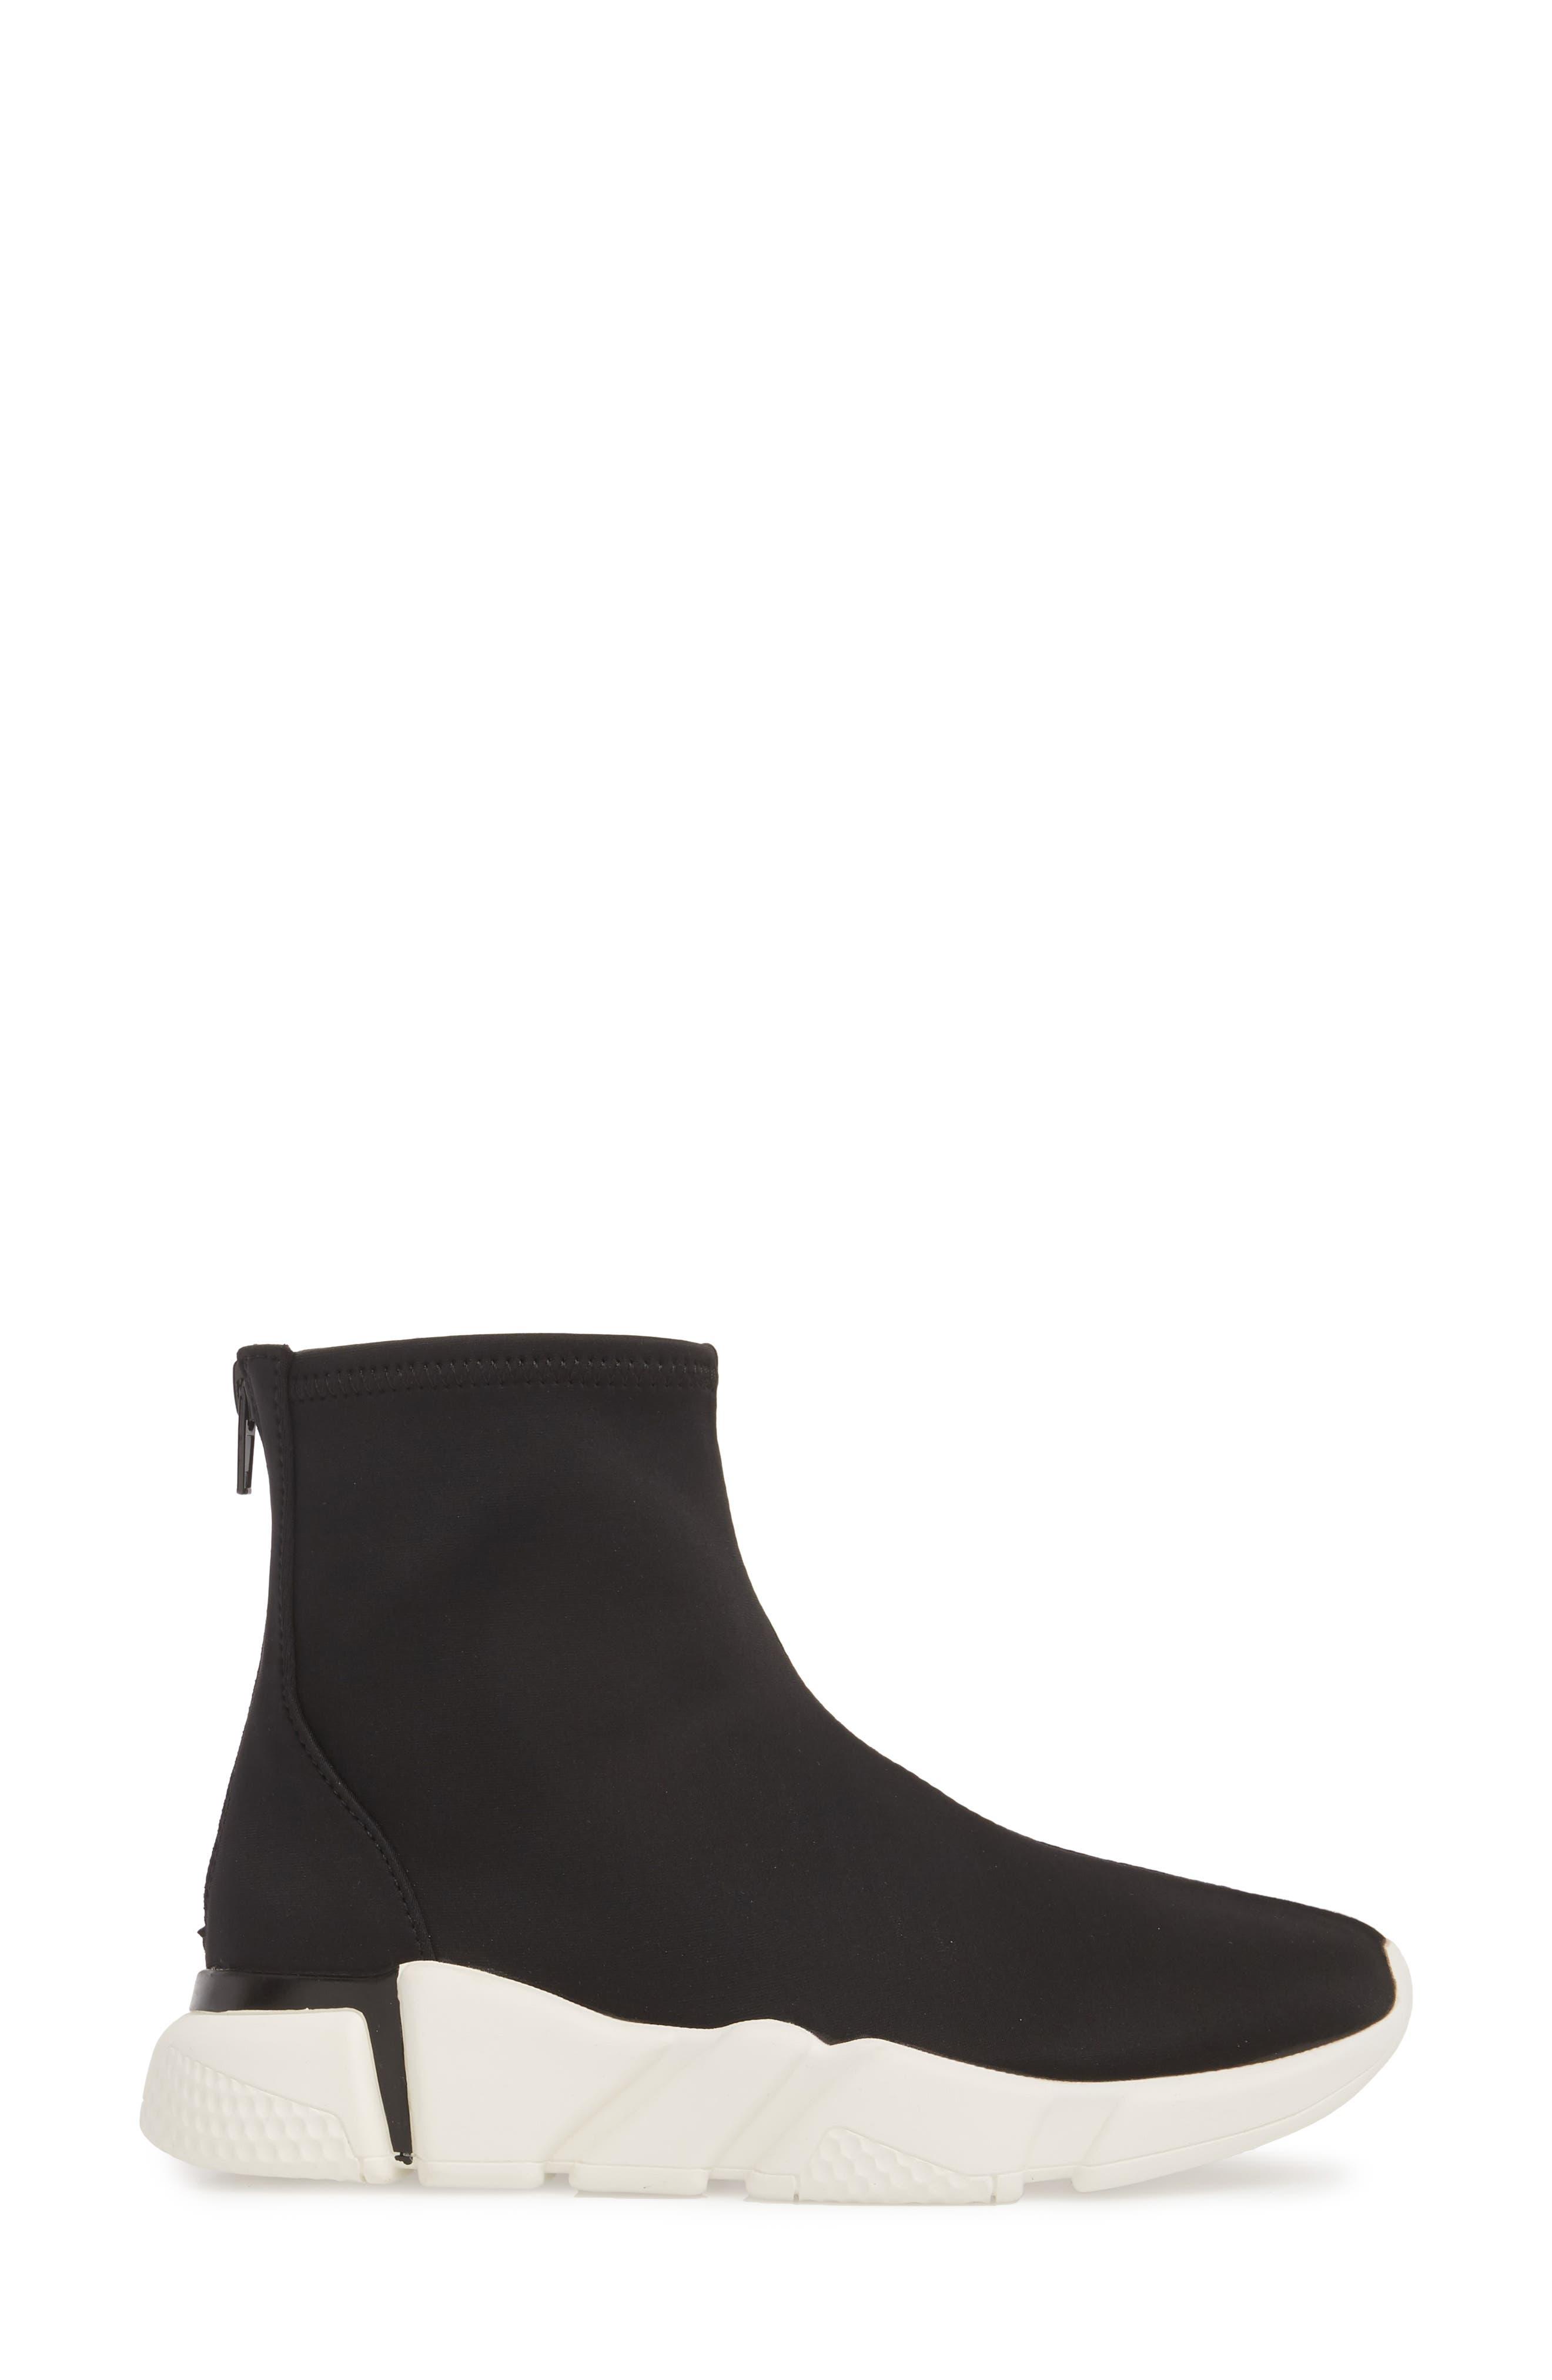 Sock Sneaker,                             Alternate thumbnail 3, color,                             Black / White